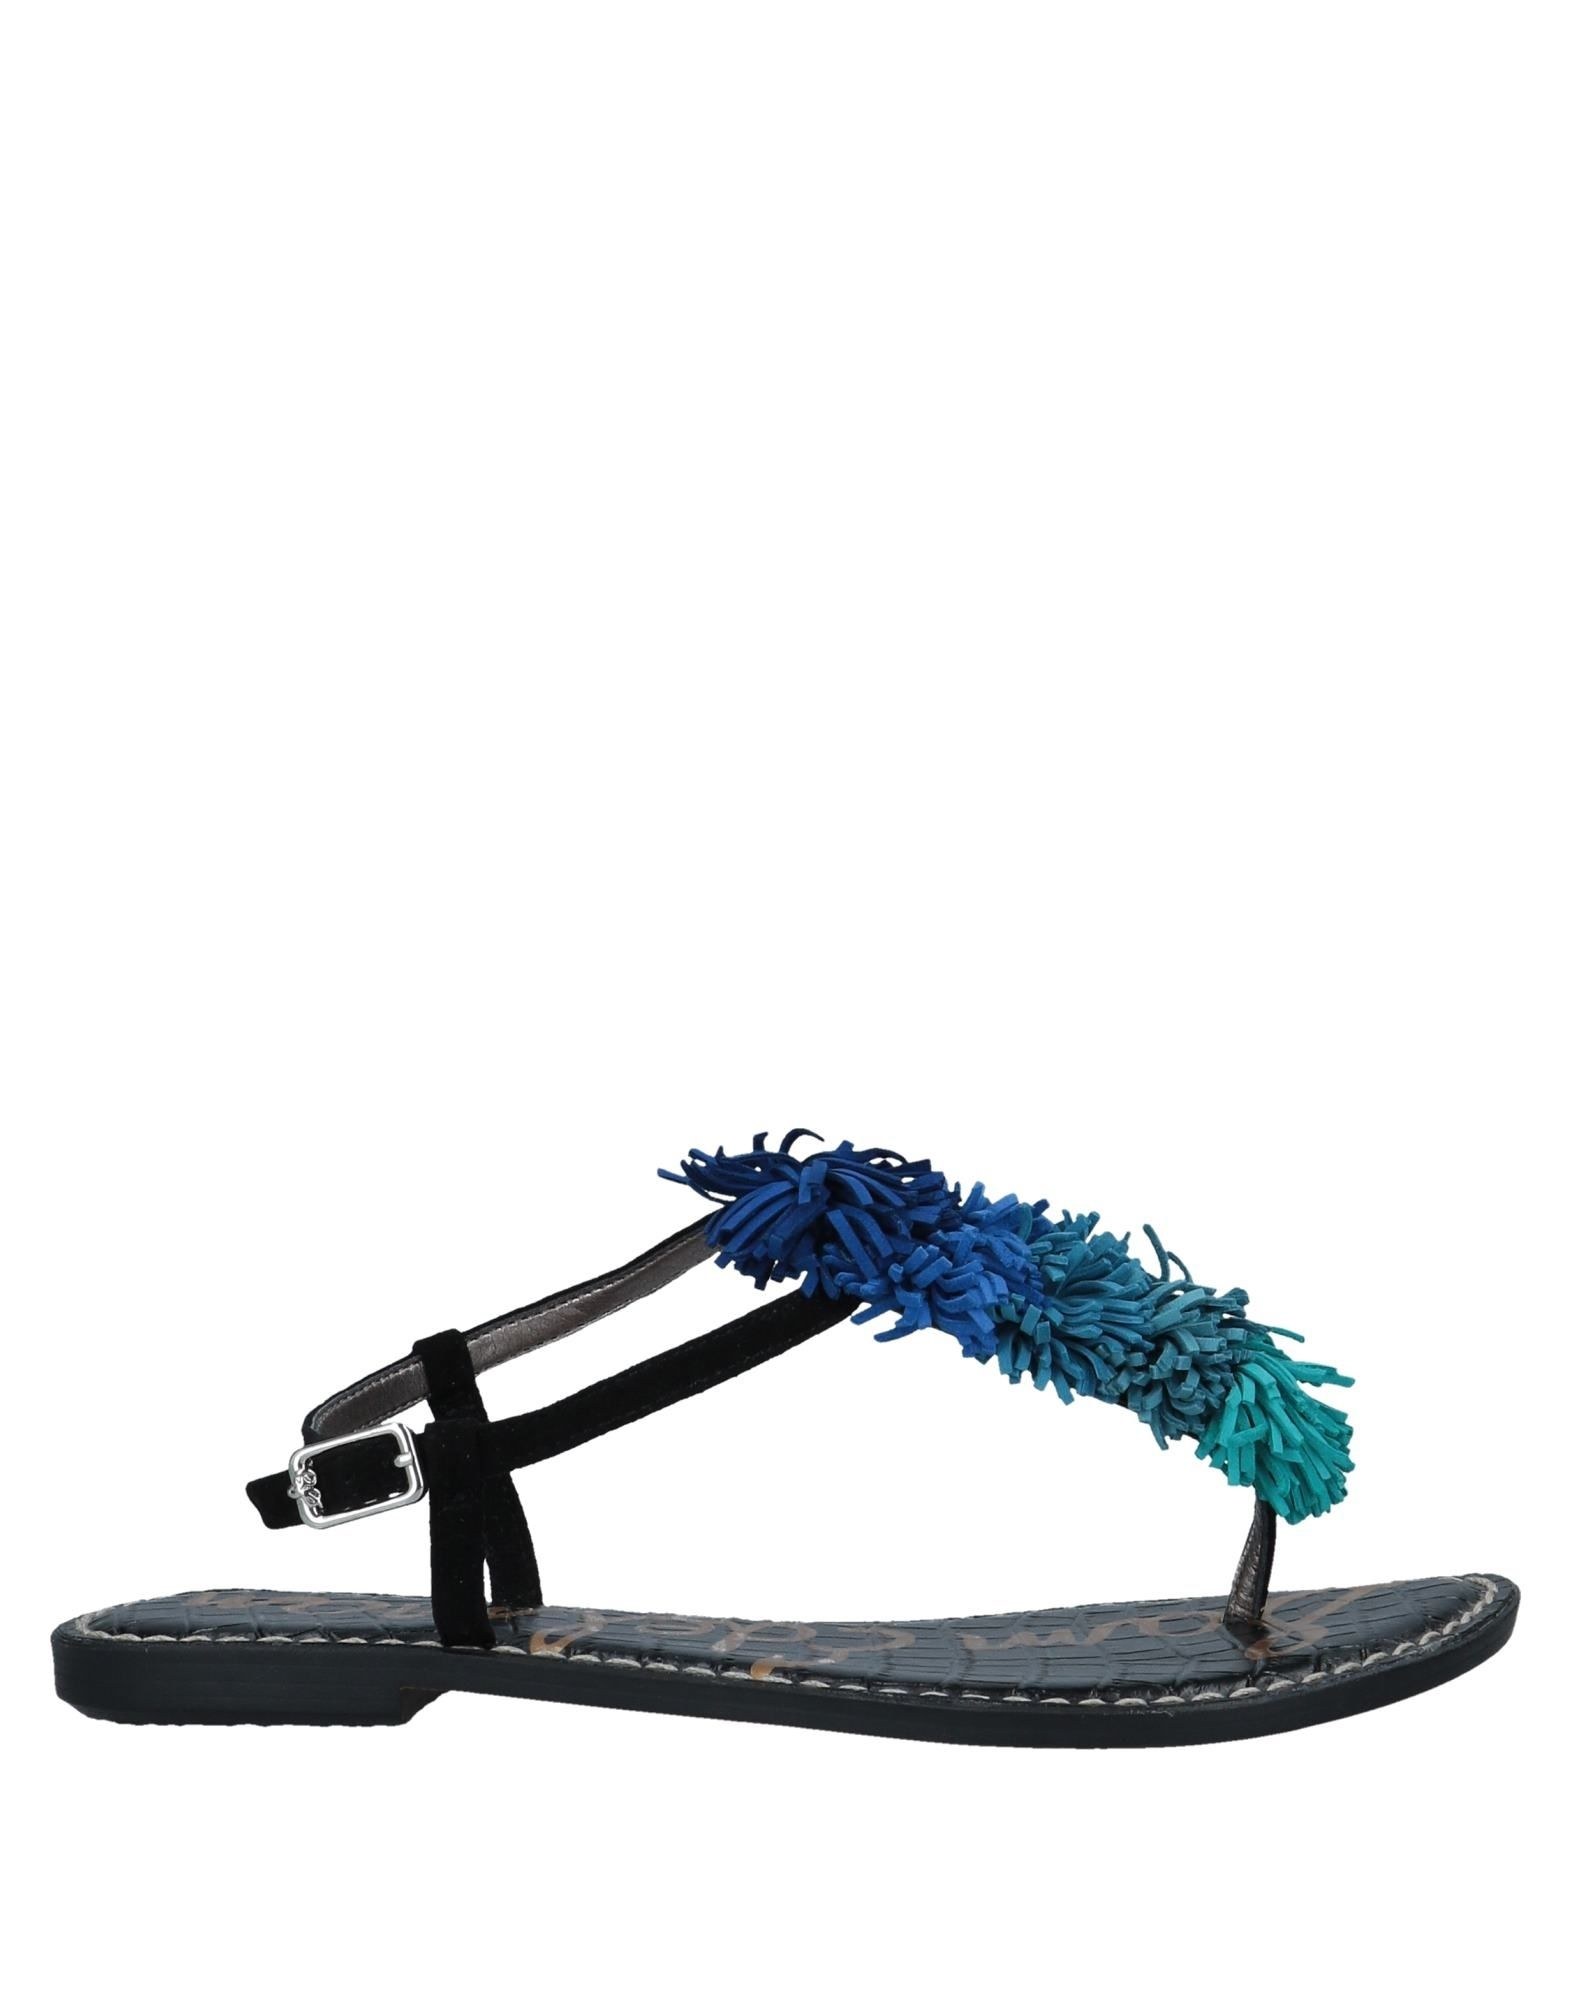 Sam Edelman Dianetten Damen  11548718HL Gute Qualität beliebte Schuhe